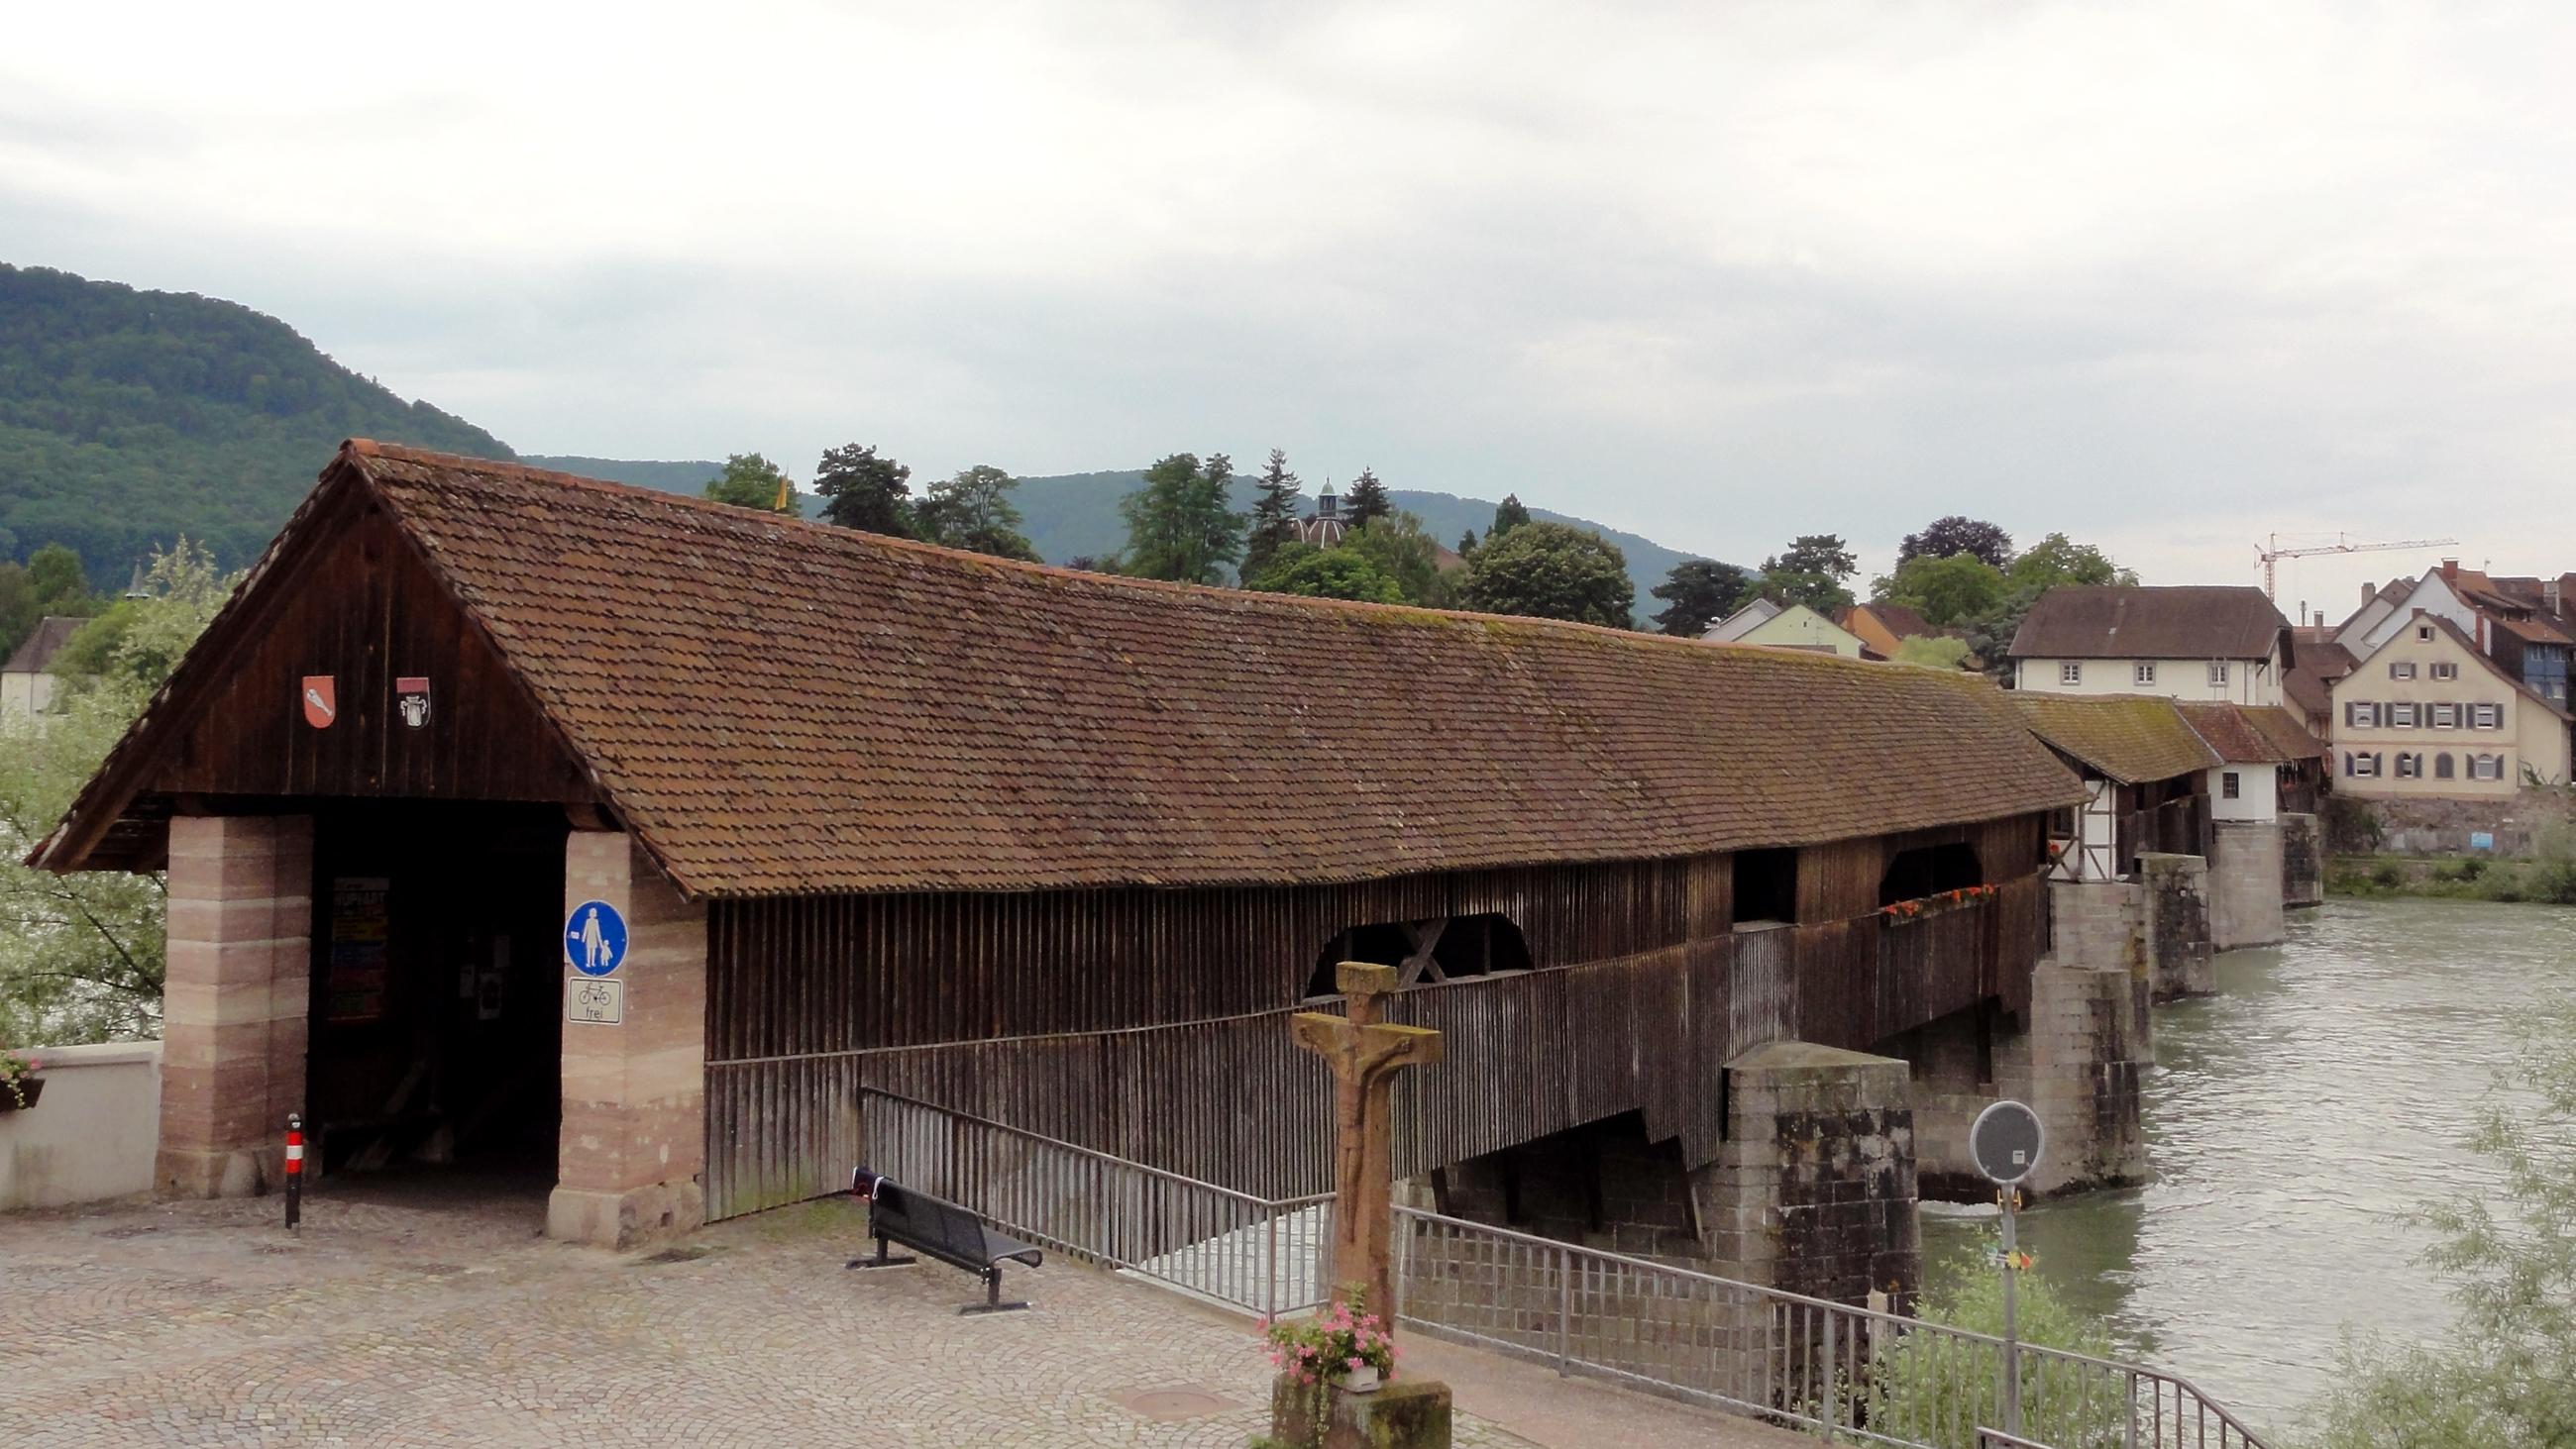 File:Holzbrücke Bad Säckingen ↔ Stein AG, Schweizer Seite 2012.JPG